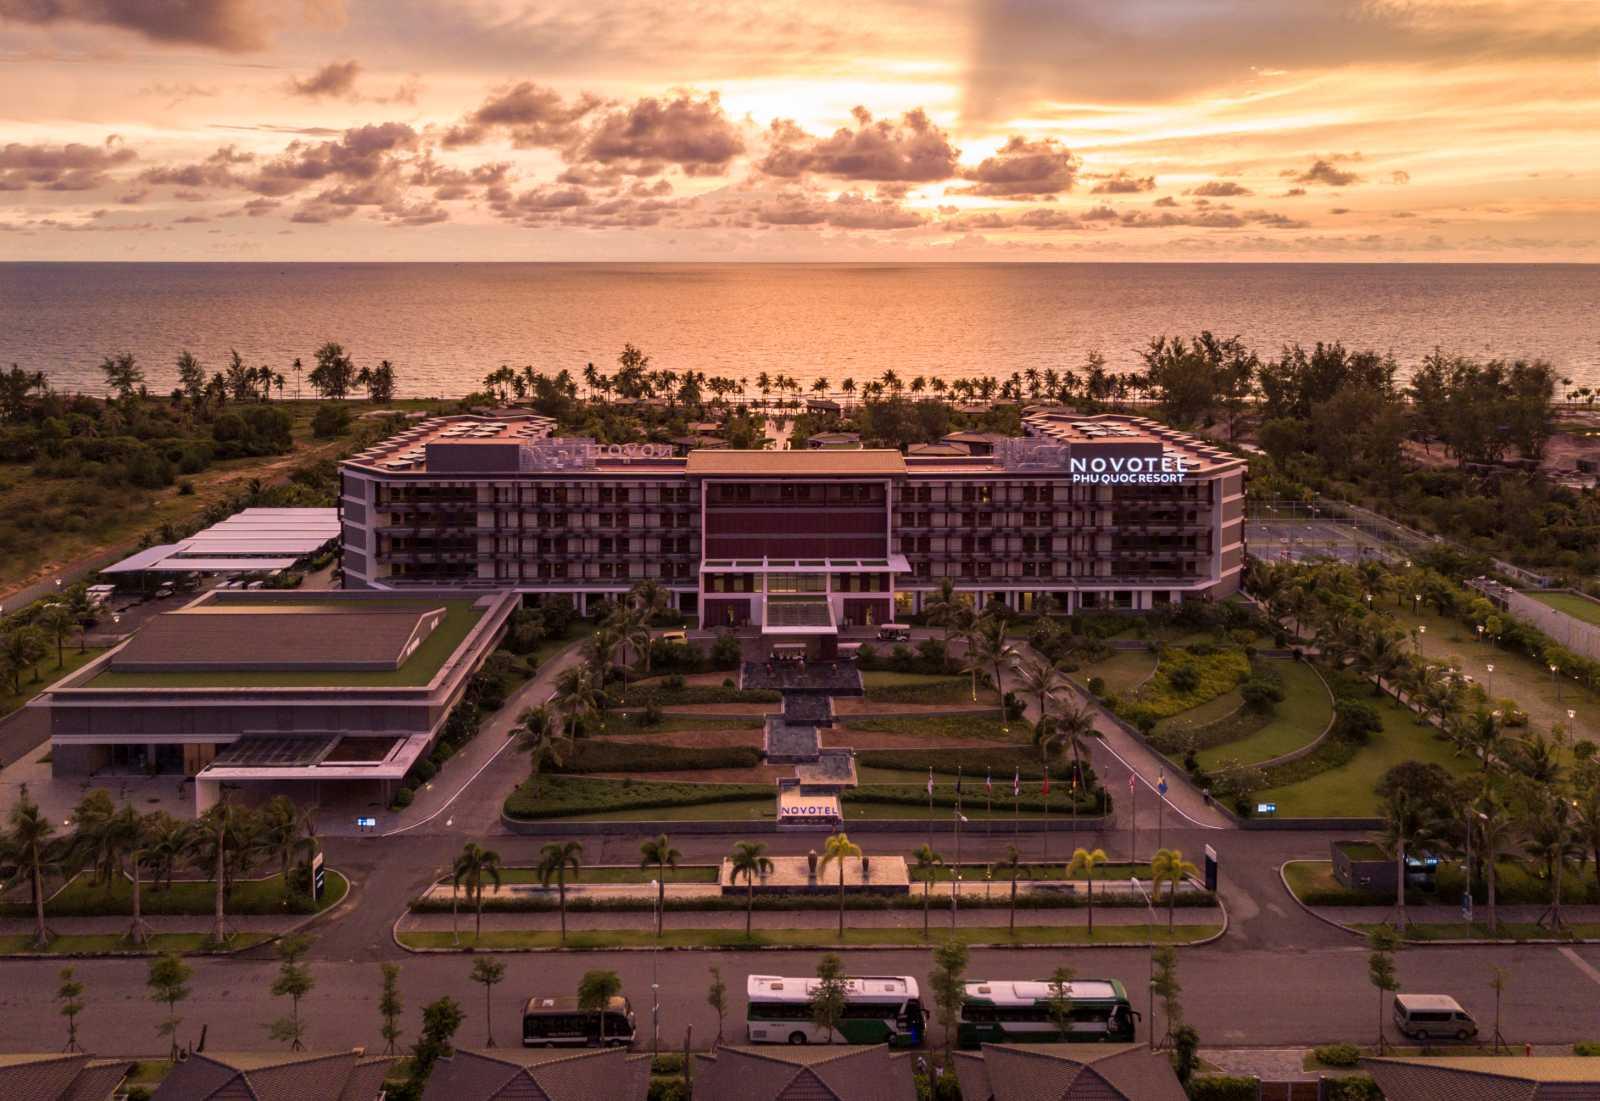 Novotel Phu Quoc Resort at sunset - Tổng hợp dự án của CEO Group tại Phú Quốc